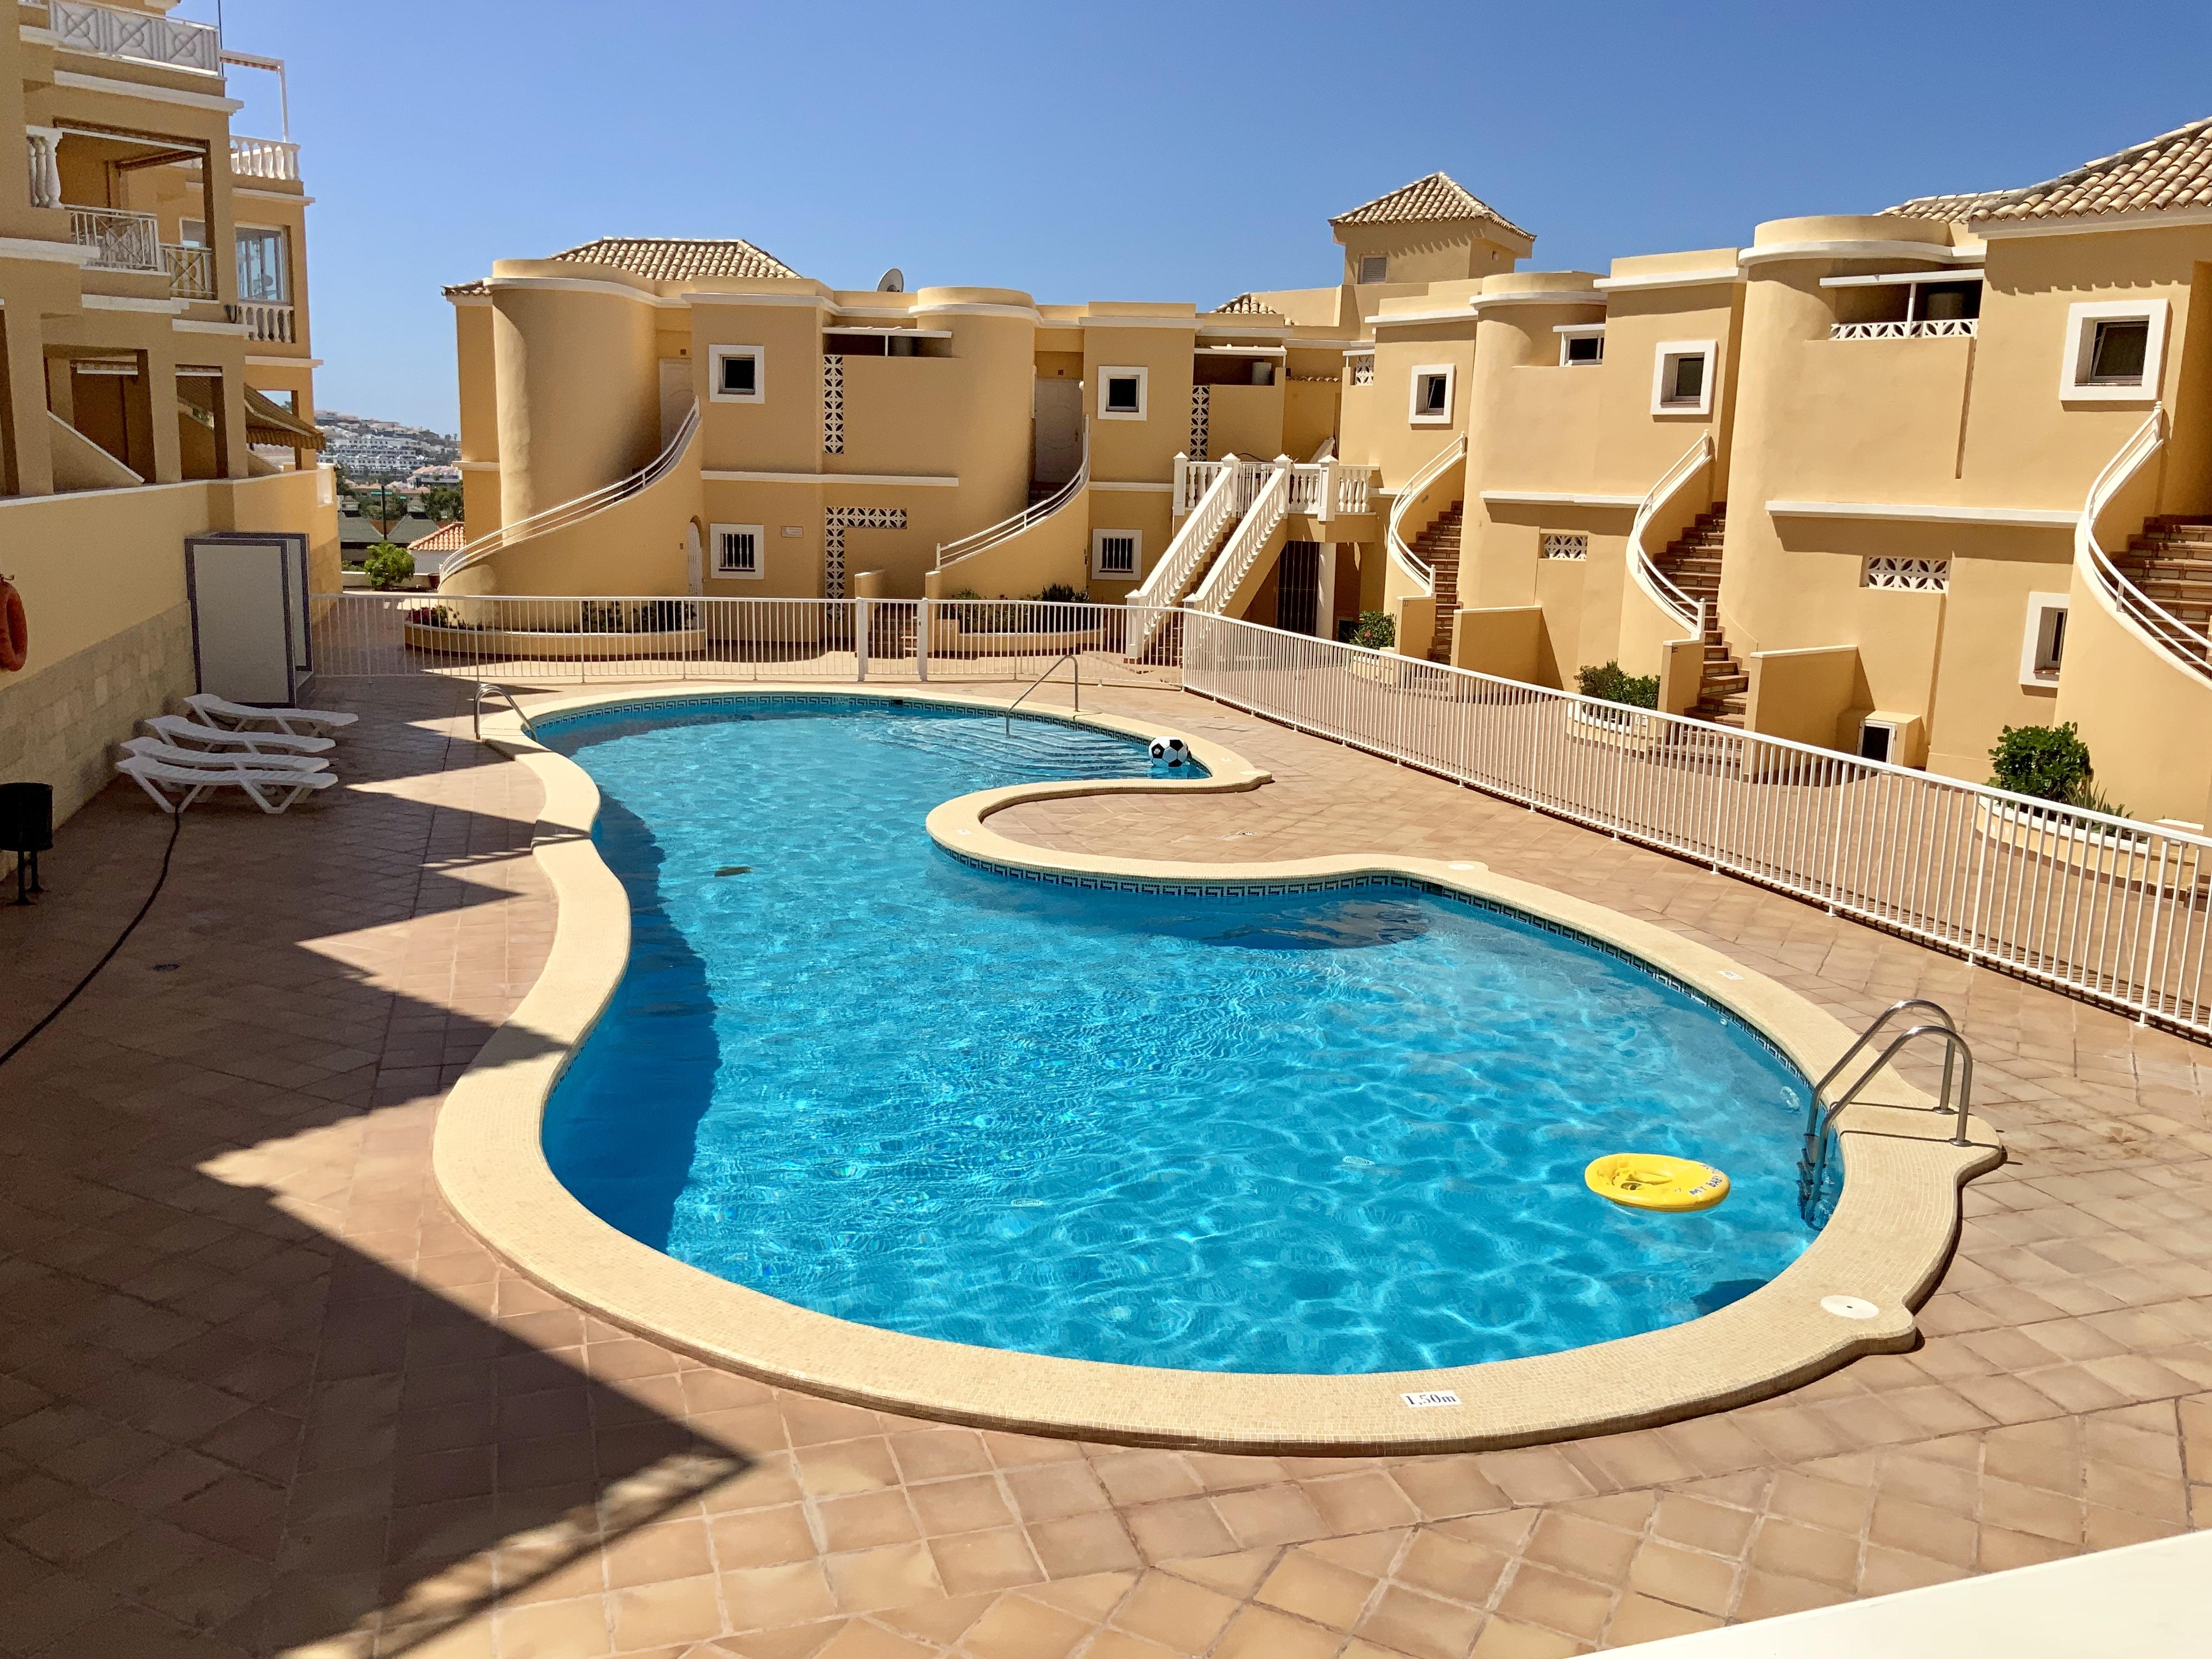 Benimar Apartment B0640M For Rent, Tenerife, South Tenerife, Bahia del Duque